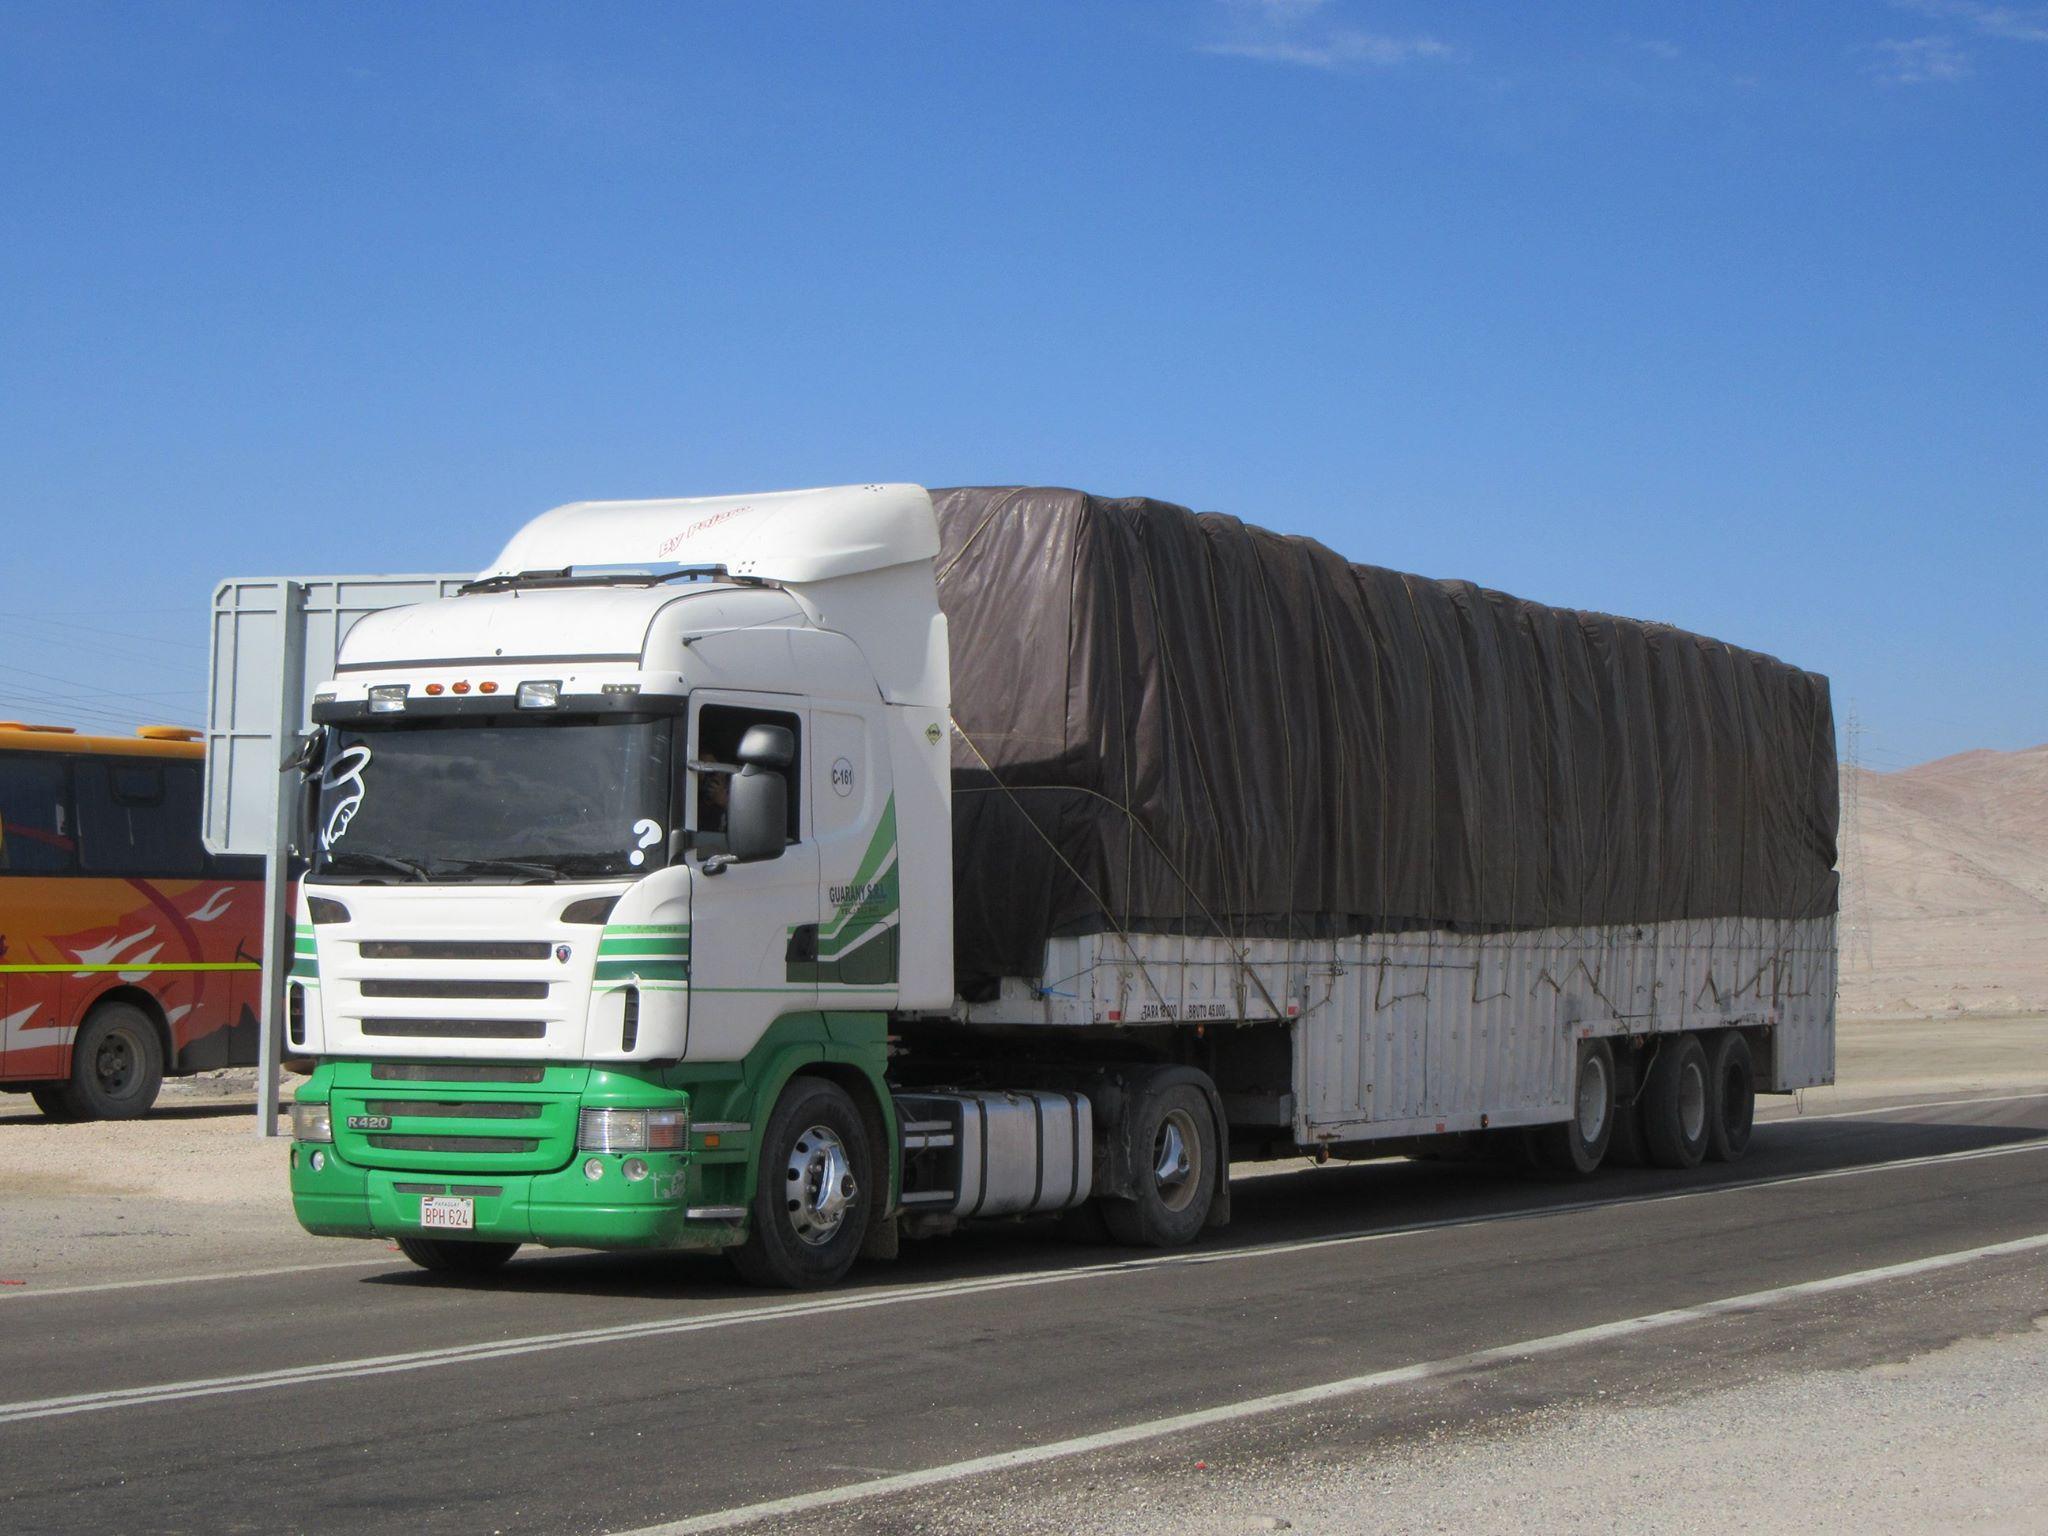 Truck_pics_mix-7